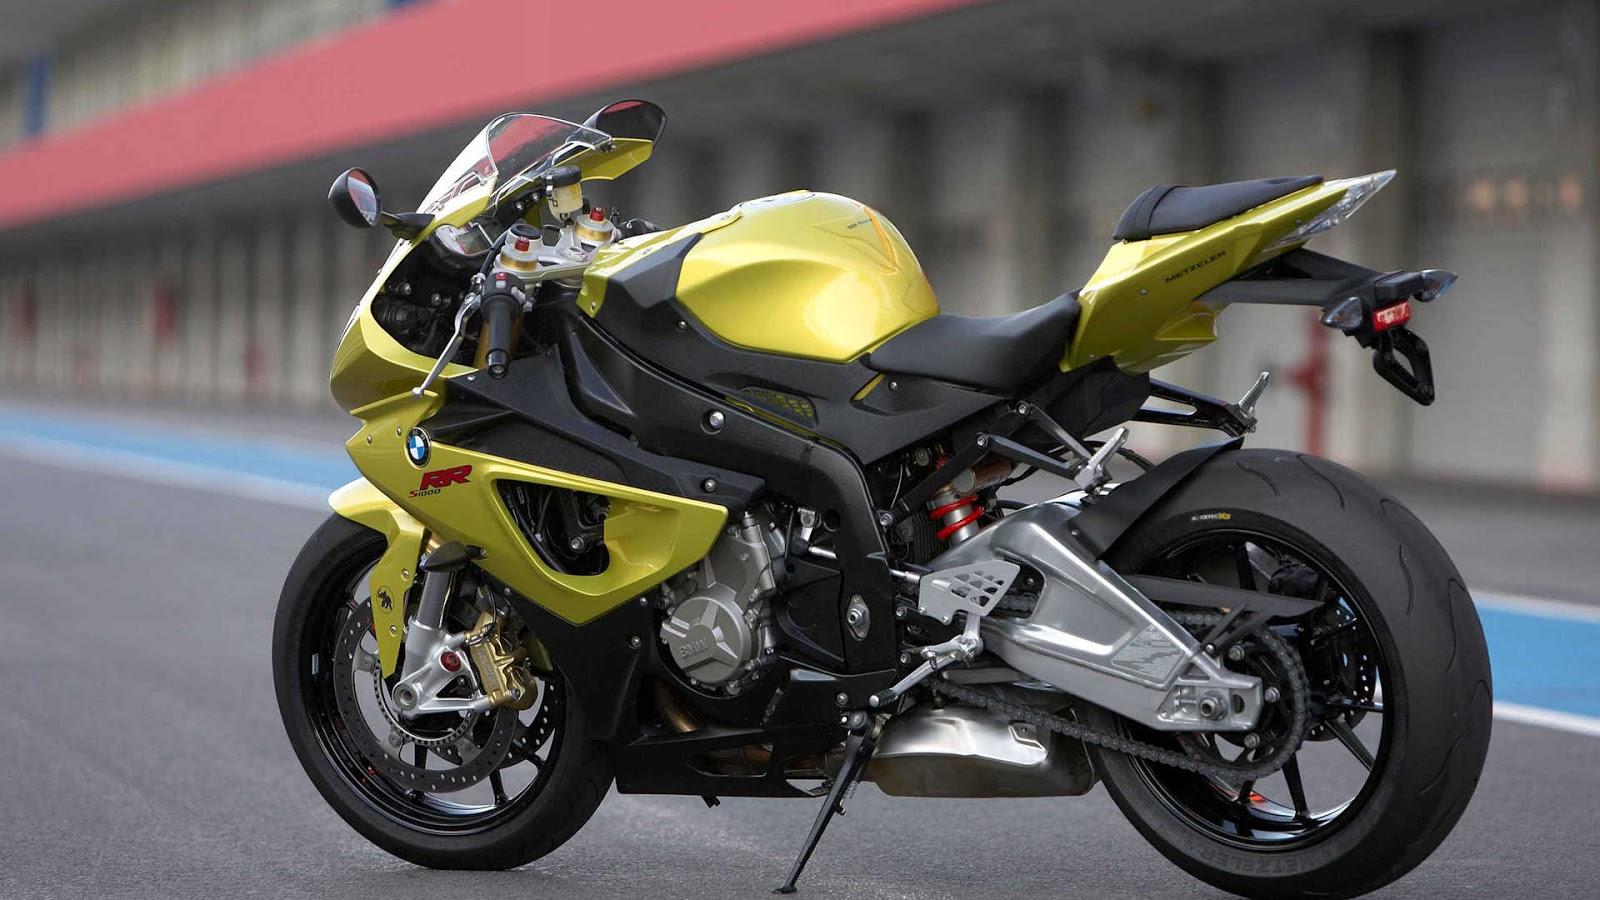 Hd Wallpaper Bmw S1000rr World S Fastest Super Bike Hd